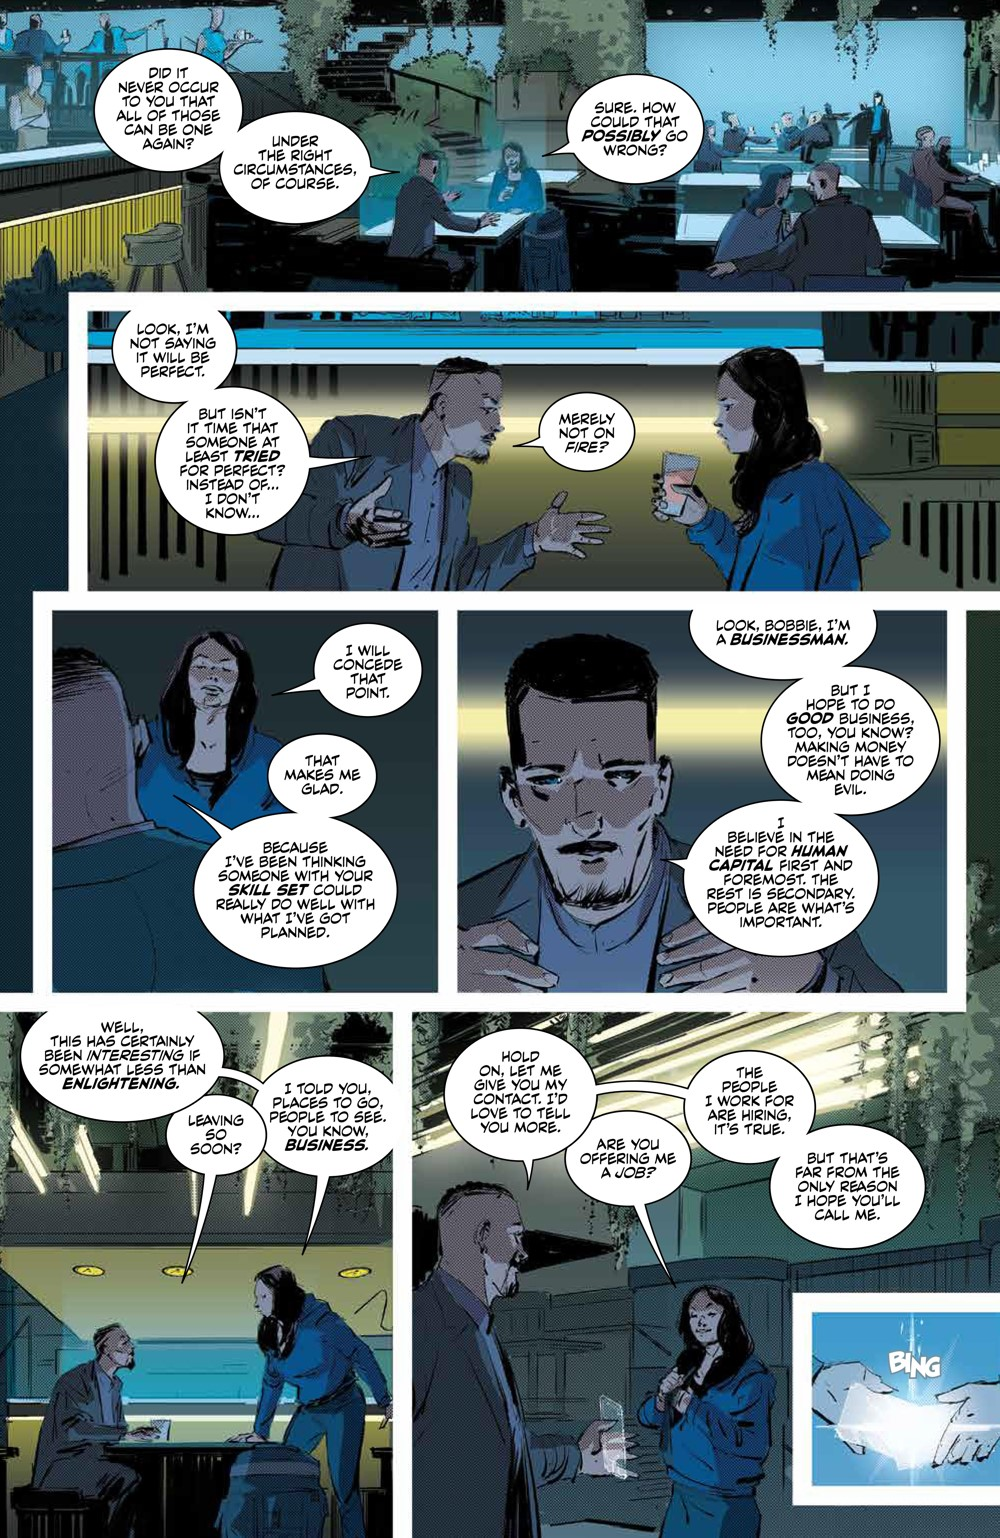 Expanse_SC_PRESS_17 ComicList Previews: THE EXPANSE TP